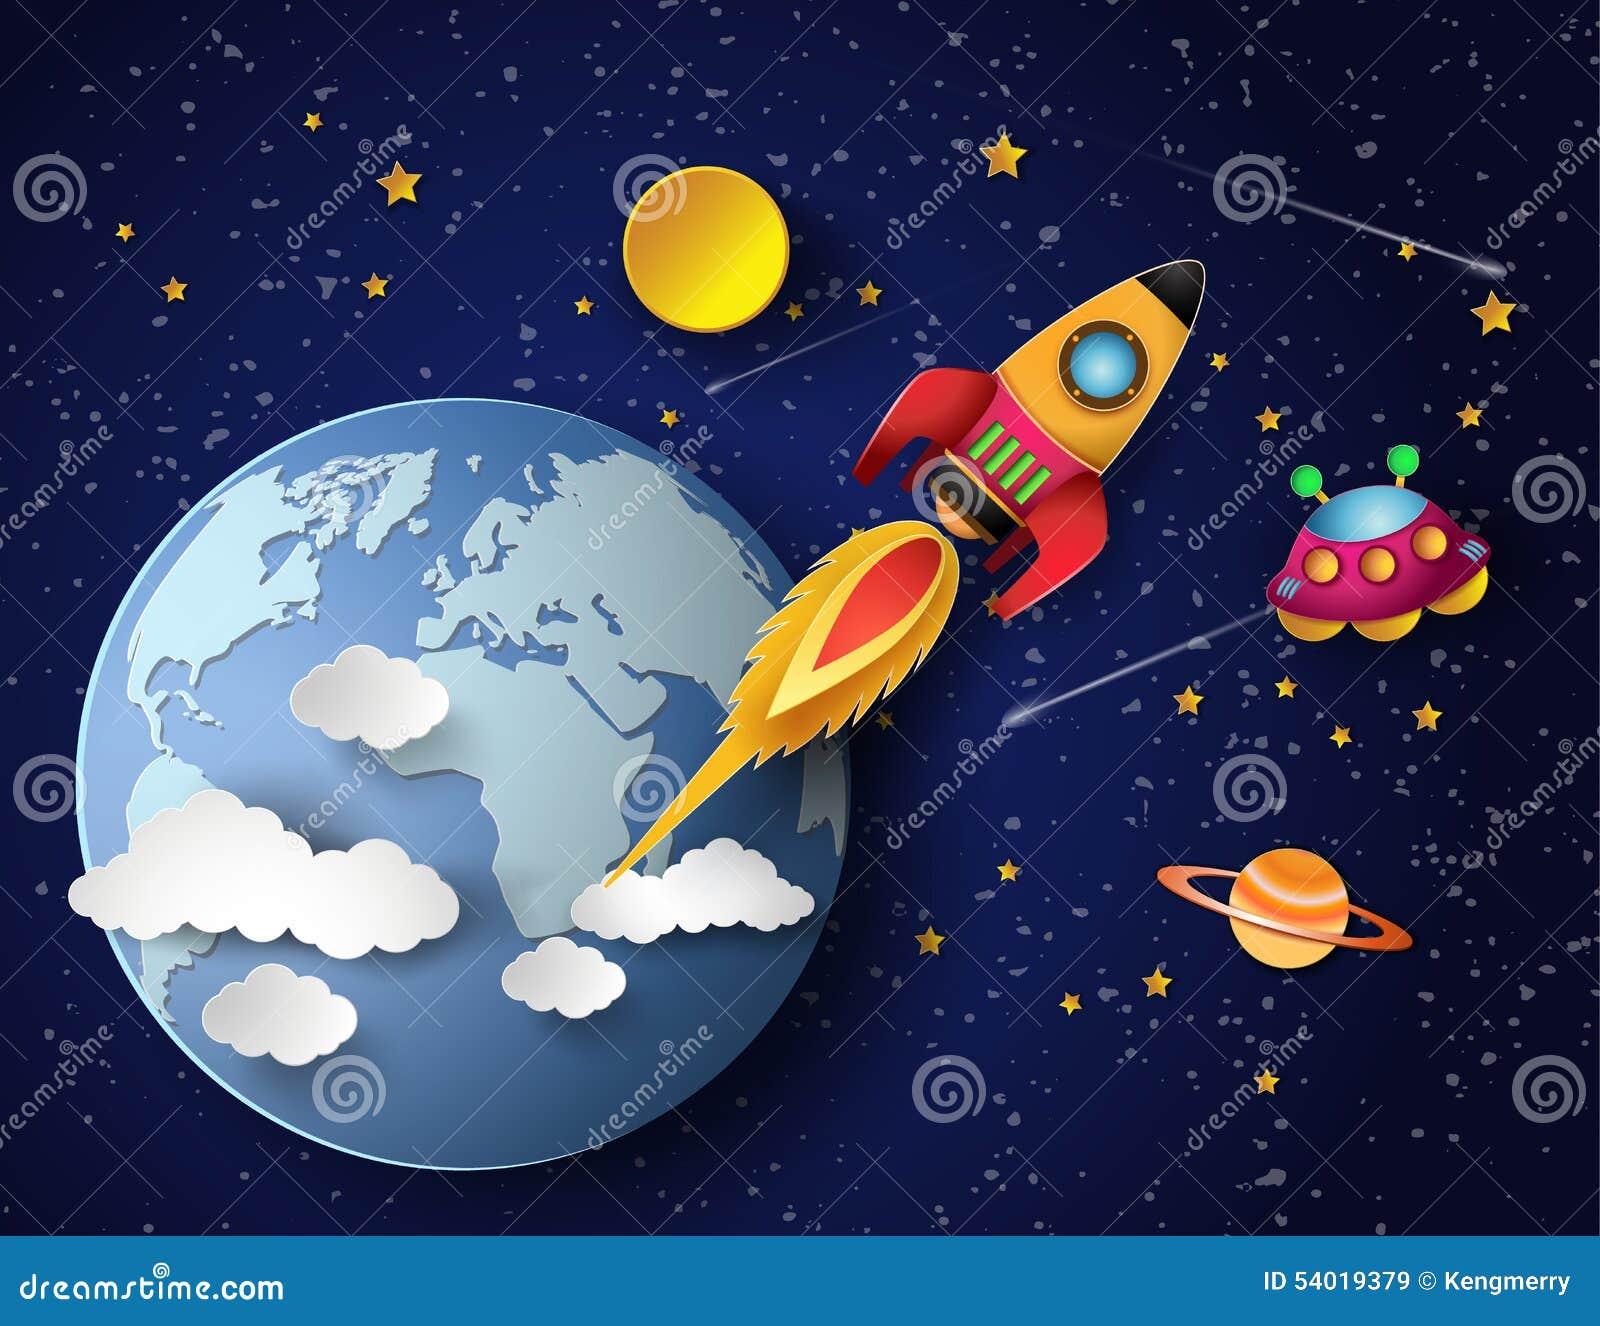 Мультик космос своими руками